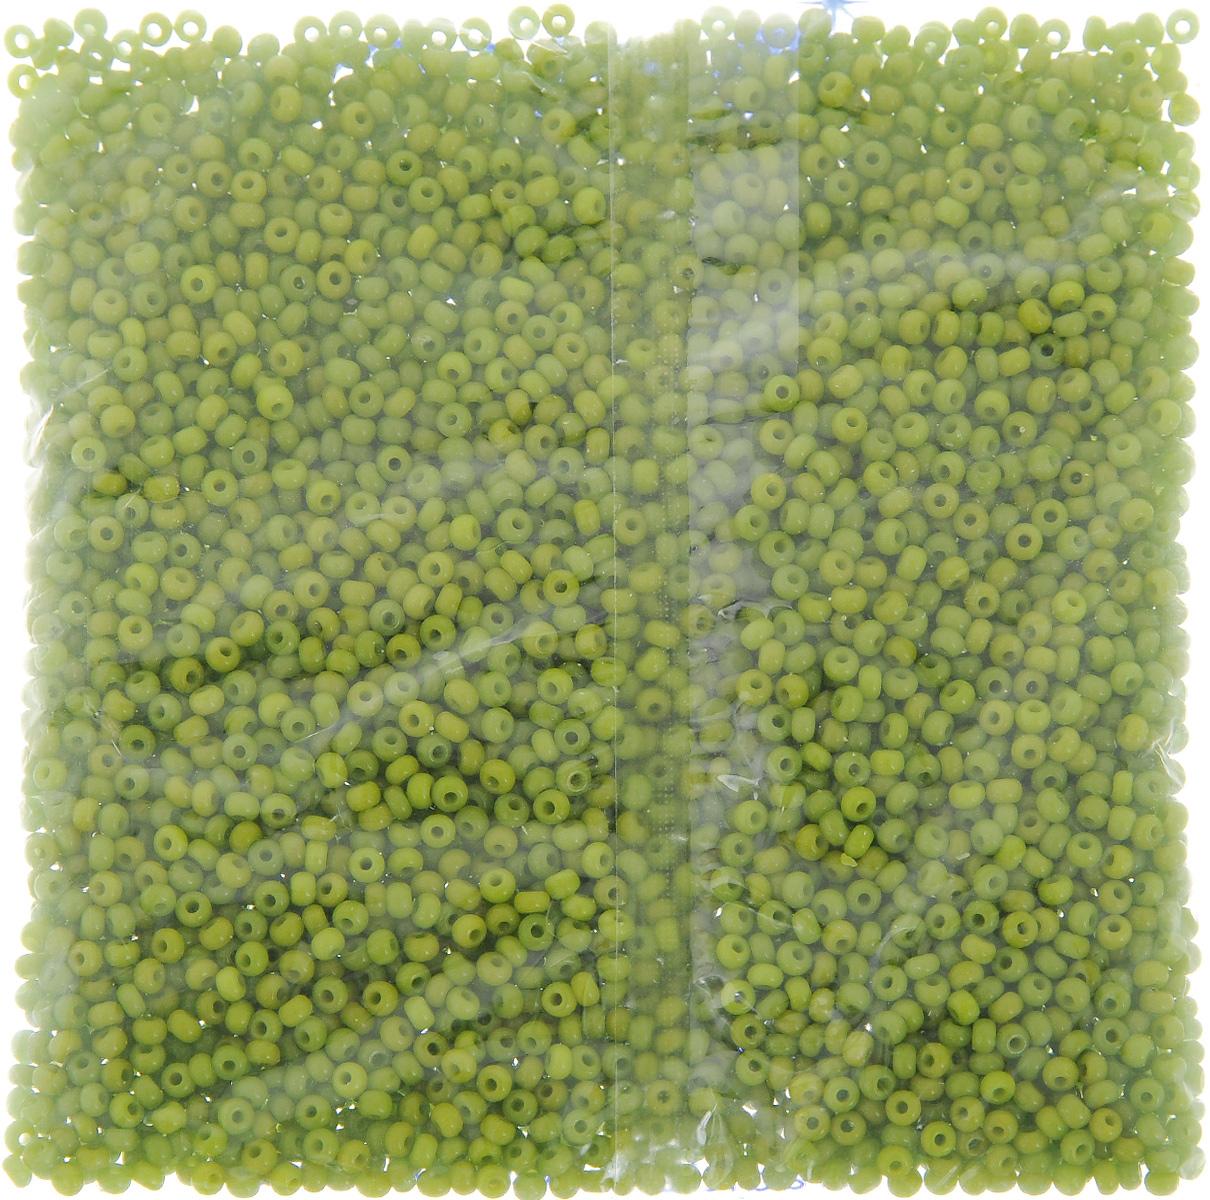 Бисер Preciosa Ассорти, матовый, цвет: зеленый (24), 50 г163142_24_ зеленыйБисер Preciosa Ассорти, изготовленный из стекла круглой формы, позволит вам своими руками создать оригинальные ожерелья, бусы или браслеты, а также заняться вышиванием. В бисероплетении часто используют бисер разных размеров и цветов. Он идеально подойдет для вышивания на предметах быта и женской одежде. Изготовление украшений - занимательное хобби и реализация творческих способностей рукодельницы, это возможность создания неповторимого индивидуального подарка.